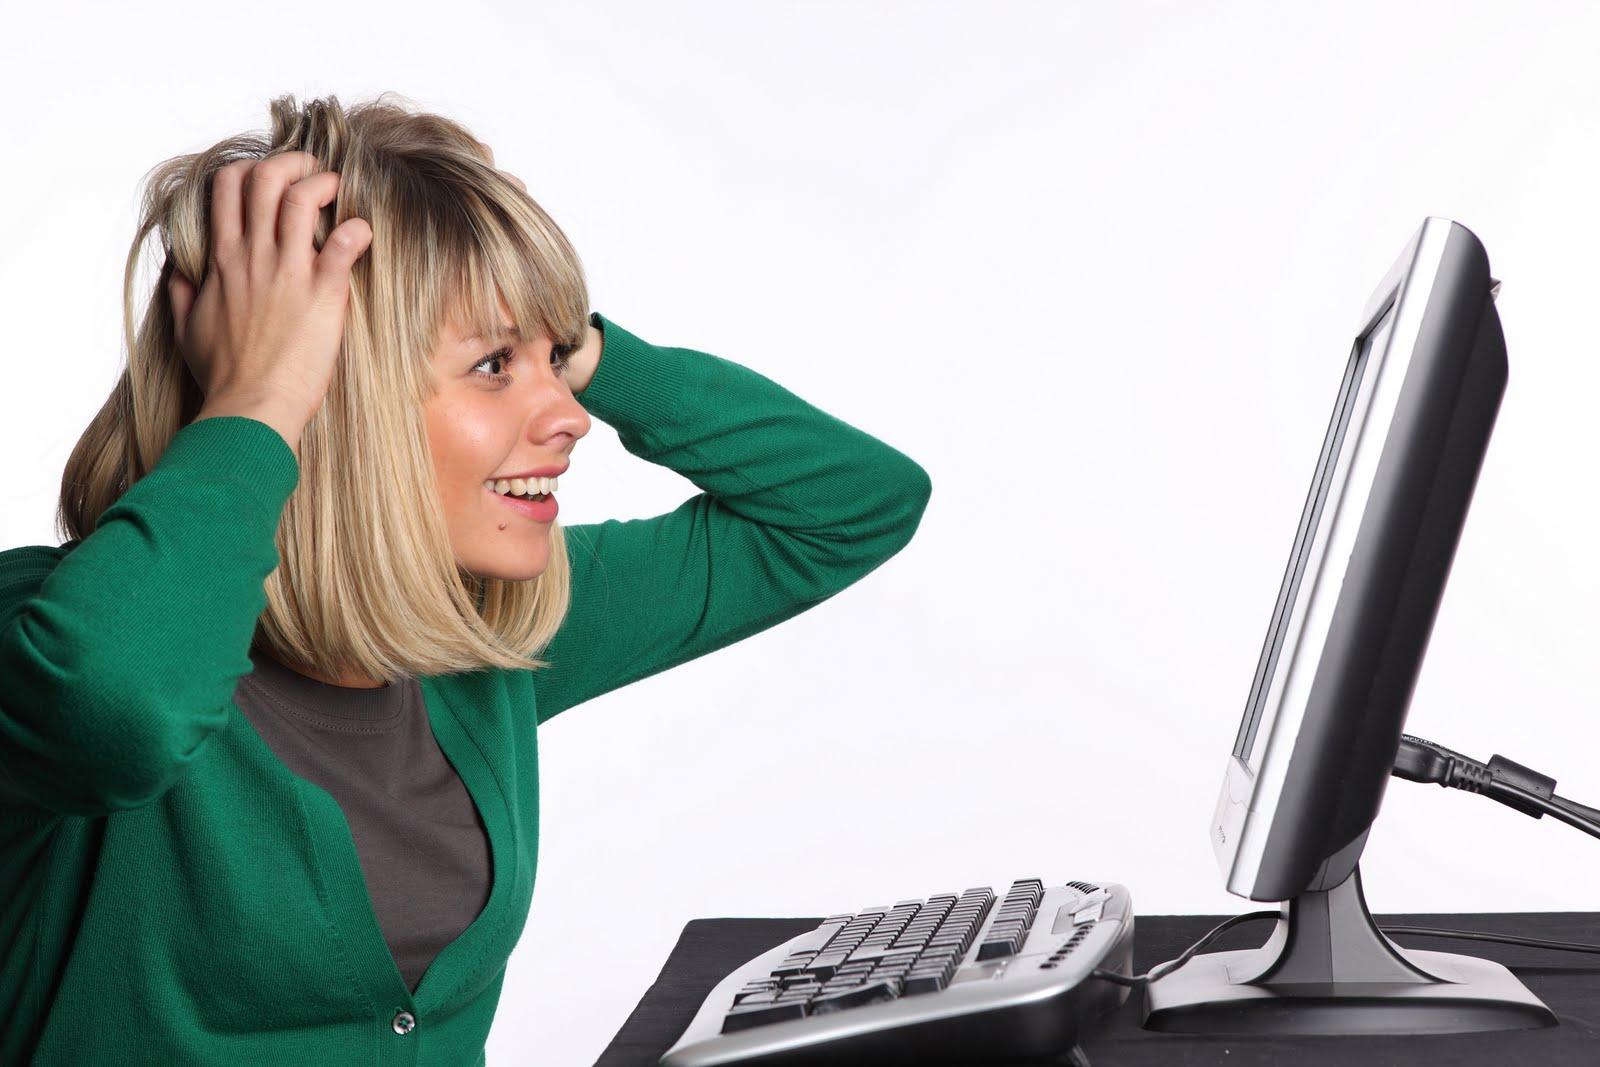 Потеря работы и ее поиск в интернете: мой личный опыт